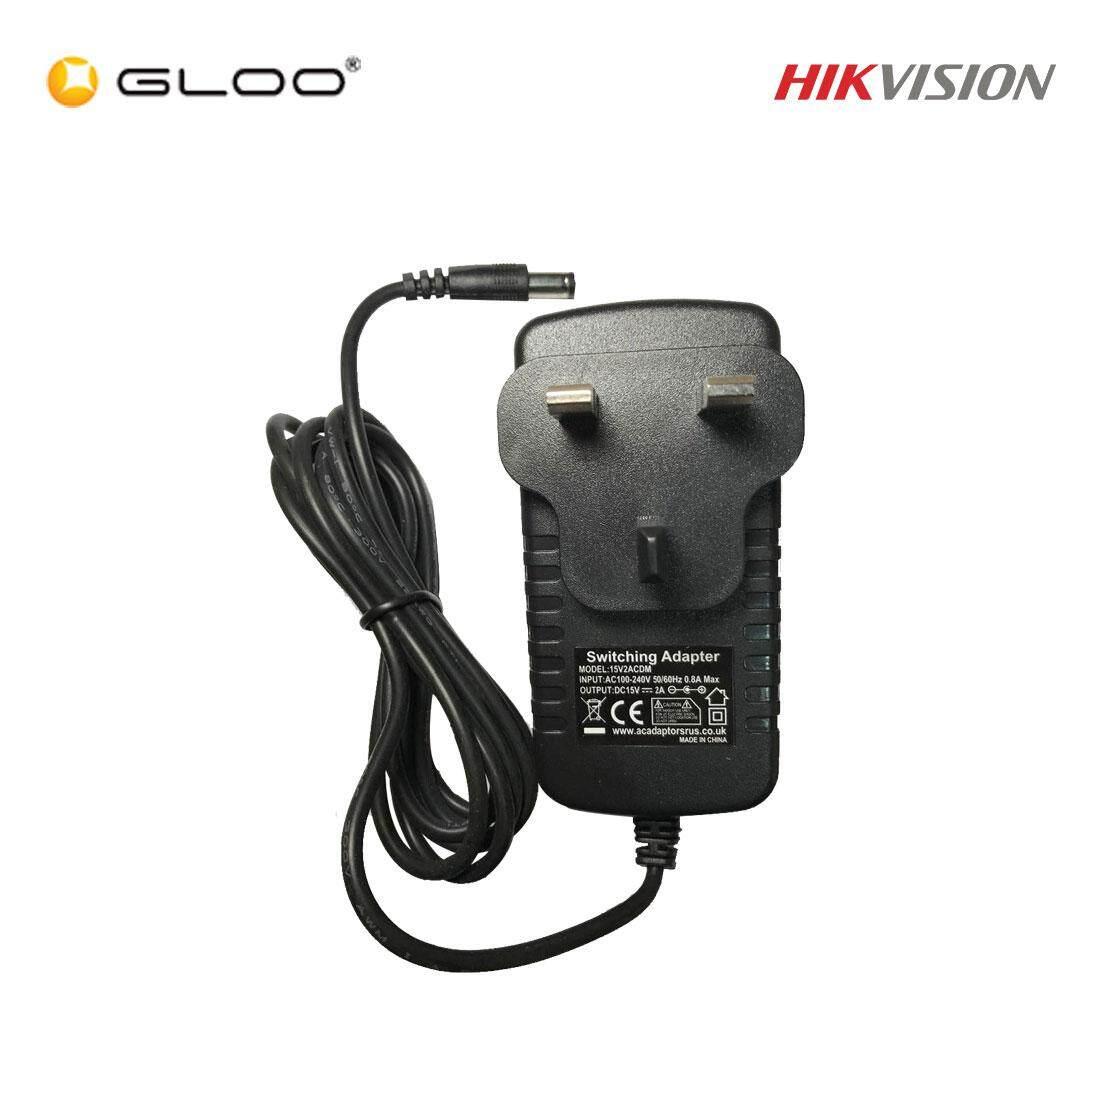 Hikvison 12V Power Adapter DSA-12PFG-12 FUK 120100